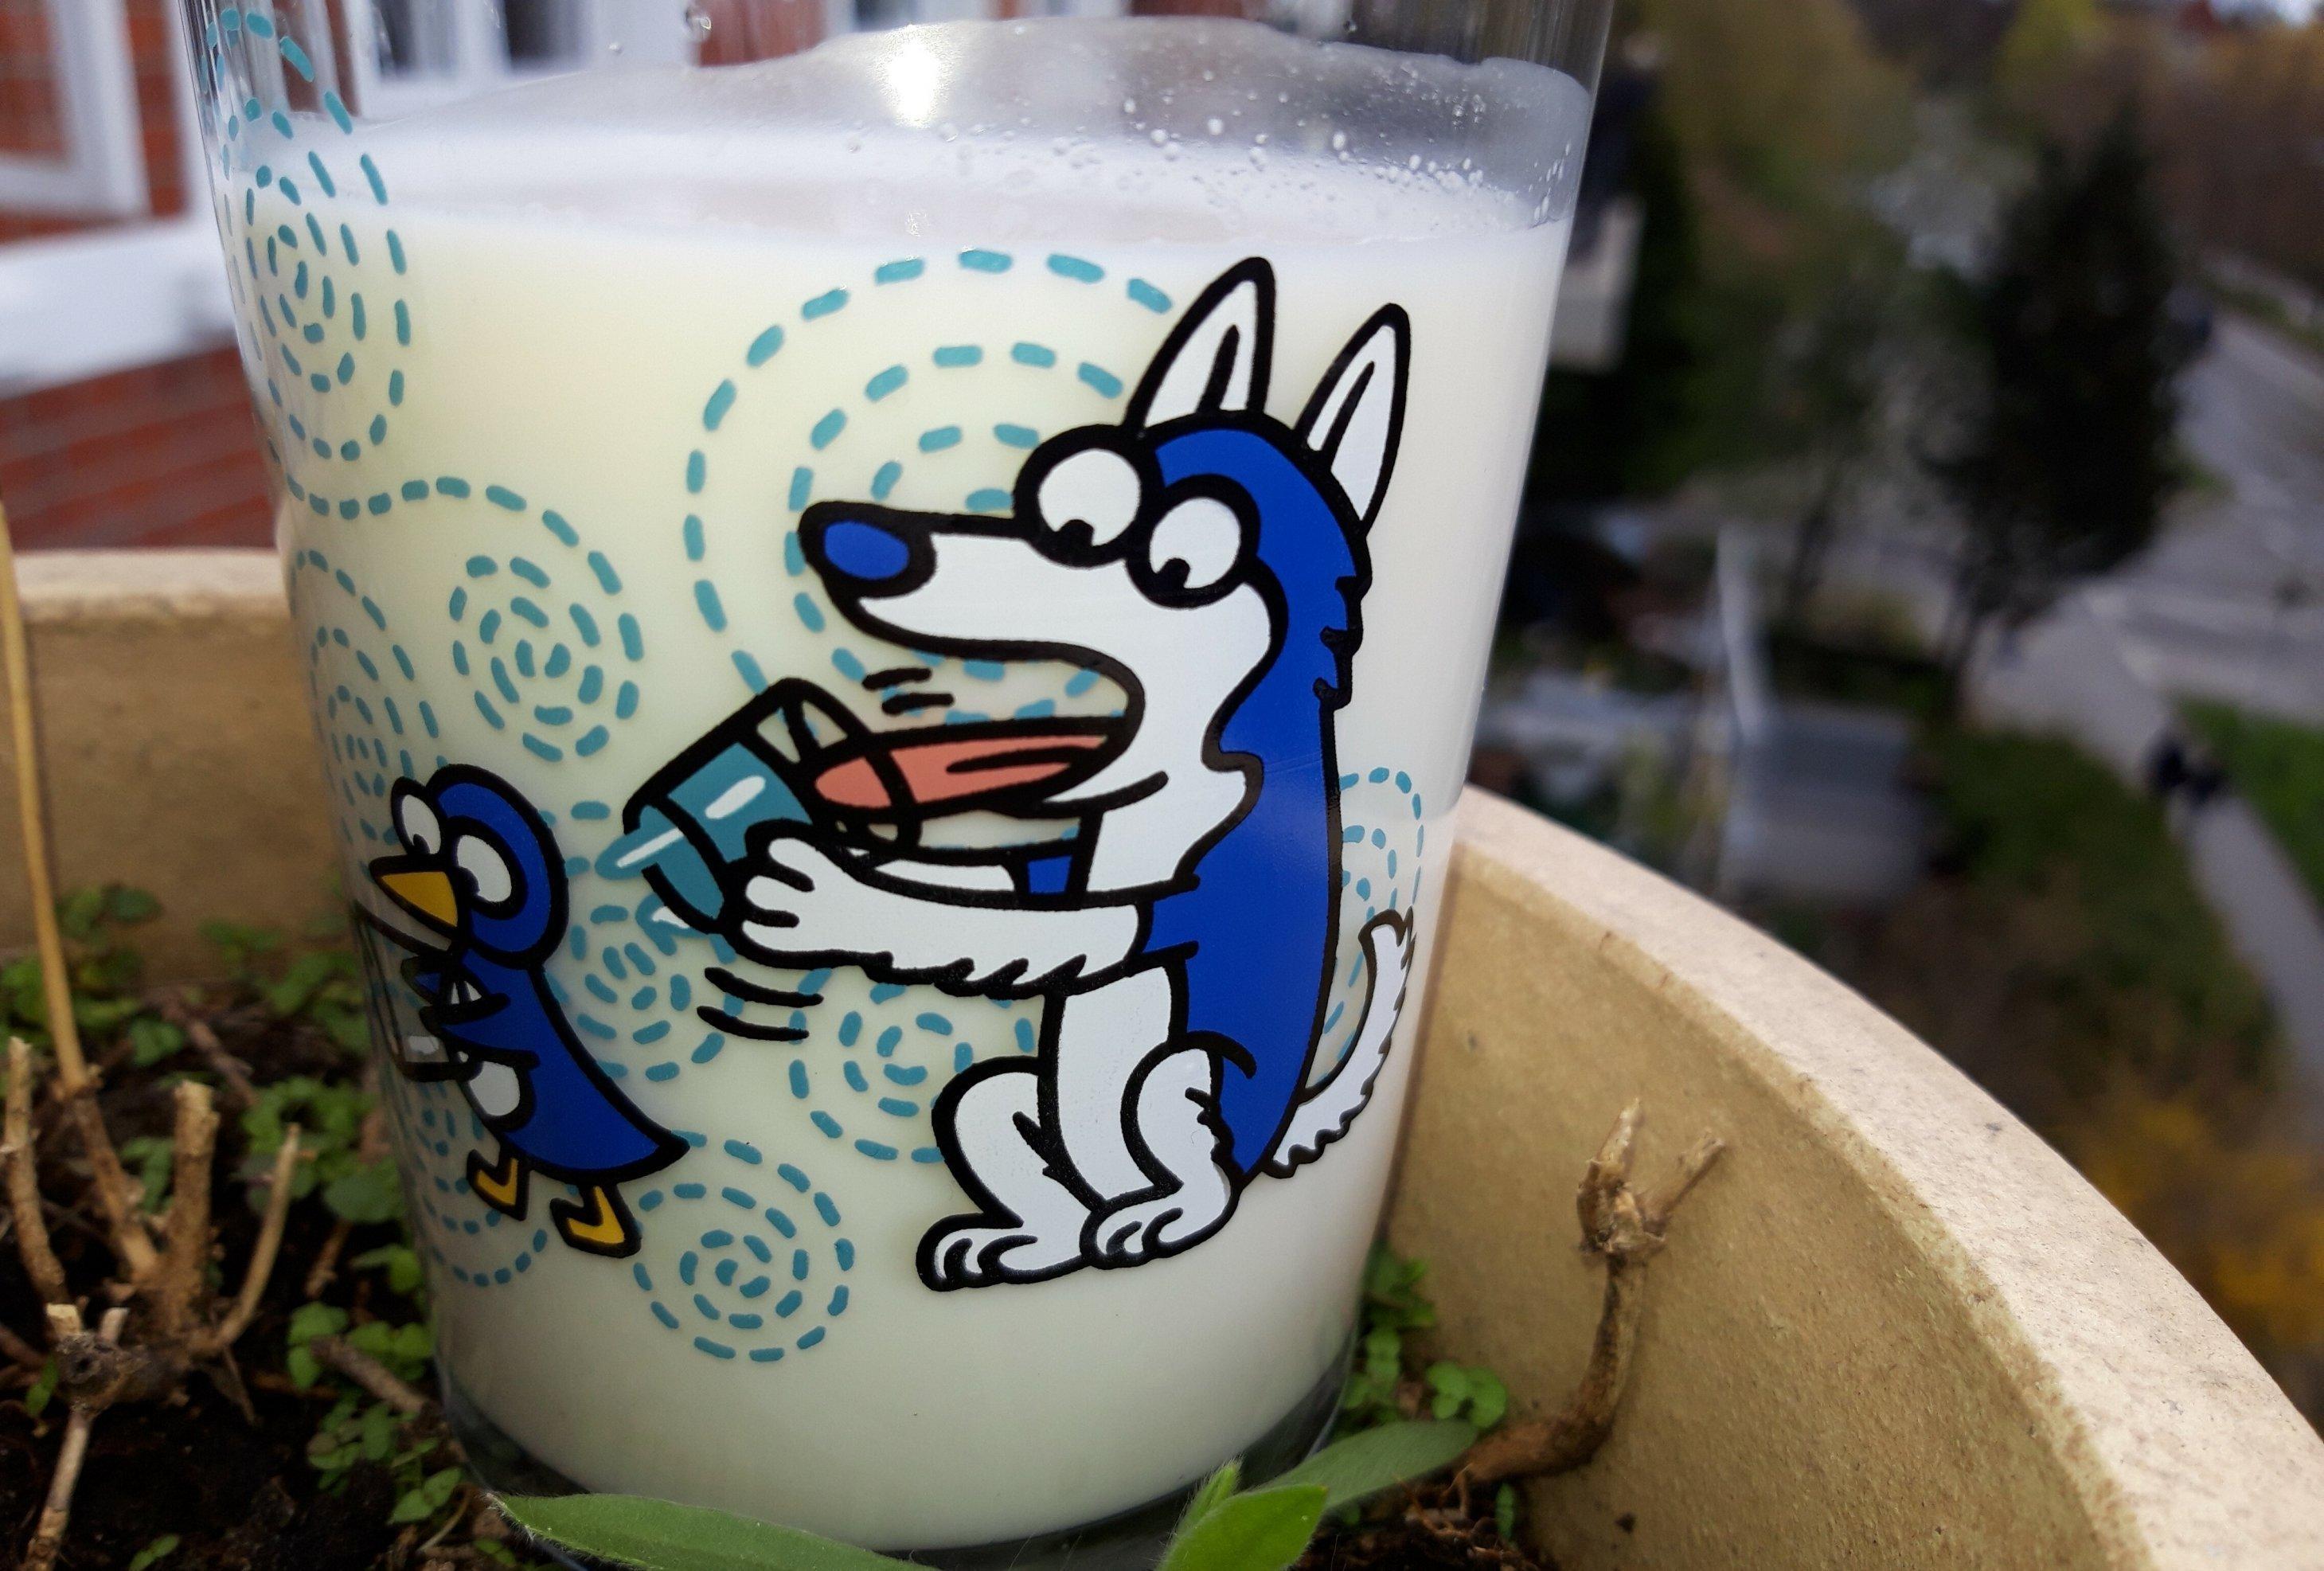 Ein fast volles Glas gefüllt mit Milch steht auf der Erde eines Blumentopfes.